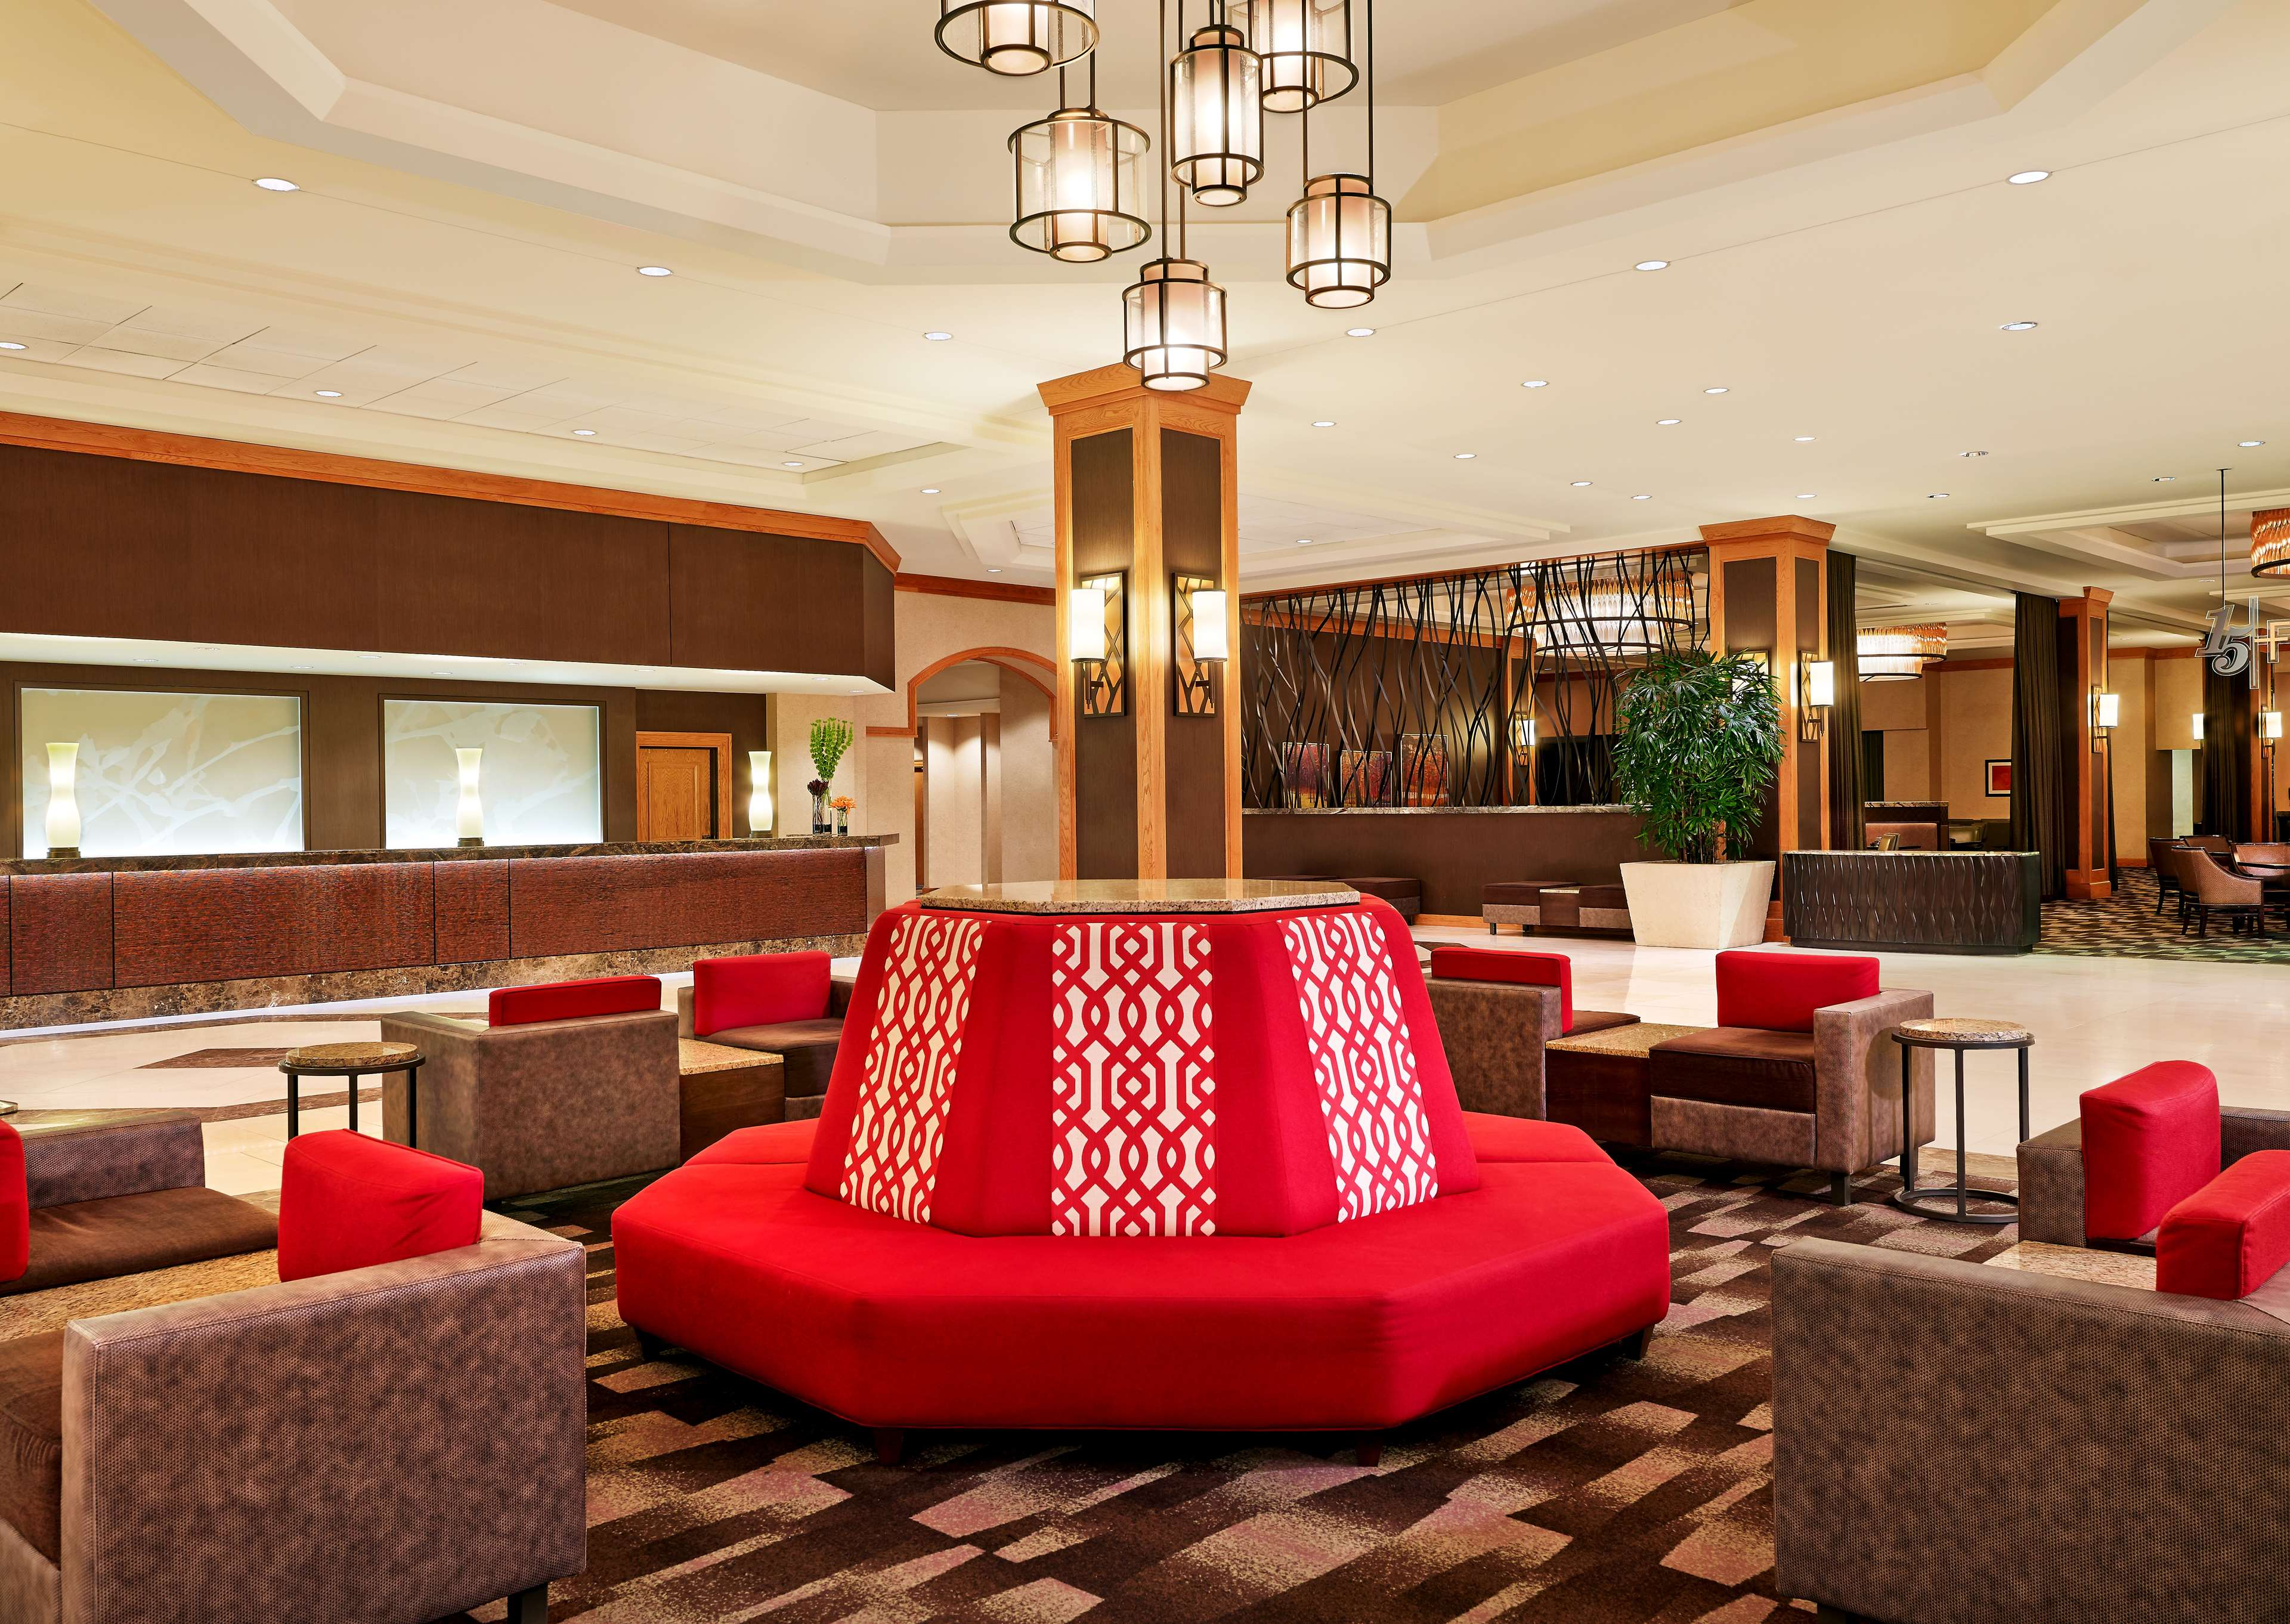 sheraton denver downtown hotel in denver co 303 893 3. Black Bedroom Furniture Sets. Home Design Ideas